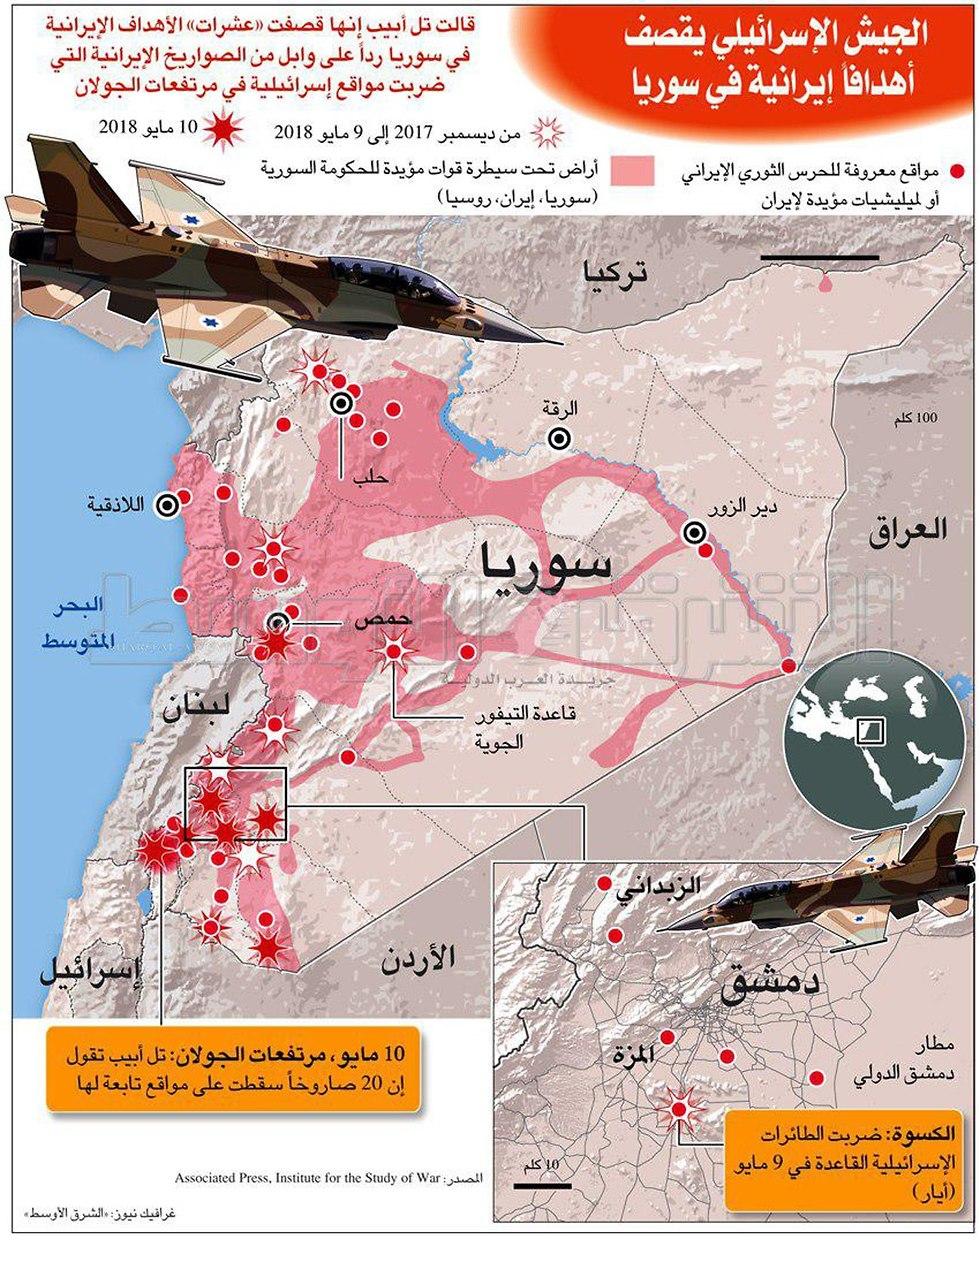 קריקטורה א שרק אל אווסט מפה מפת תקיפות ישראל ישראליות סוריה ()